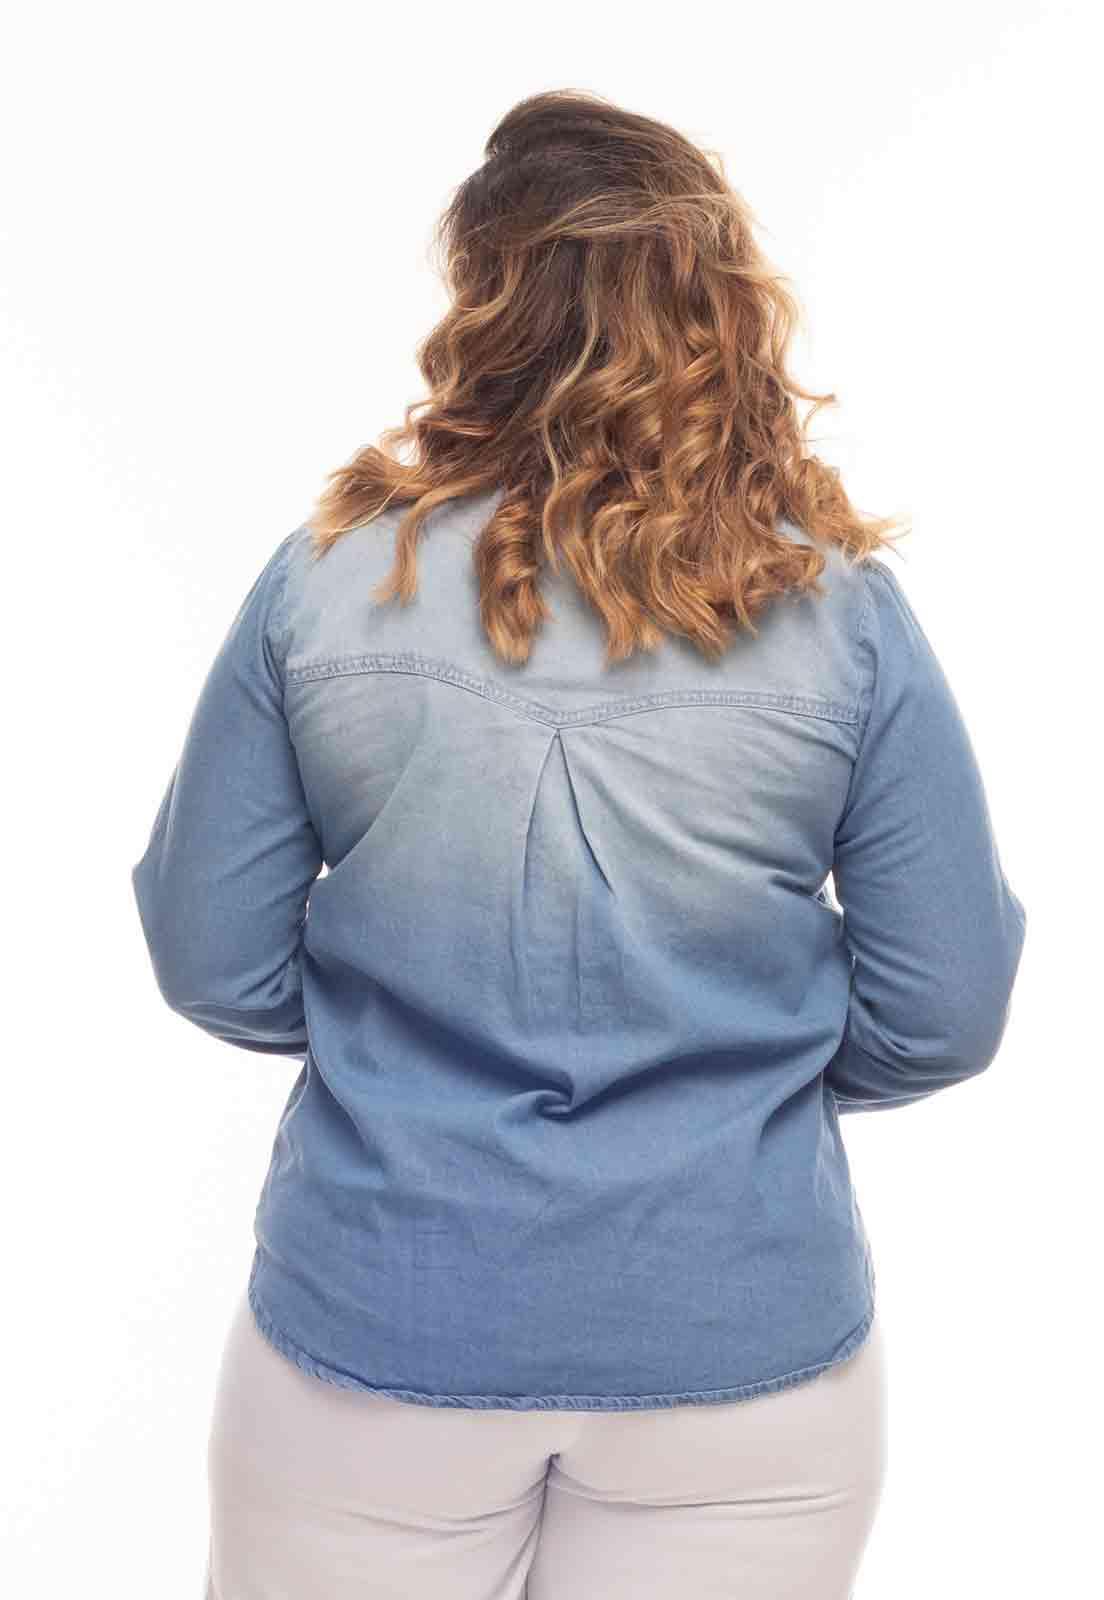 Camisa jeans clara gola padre